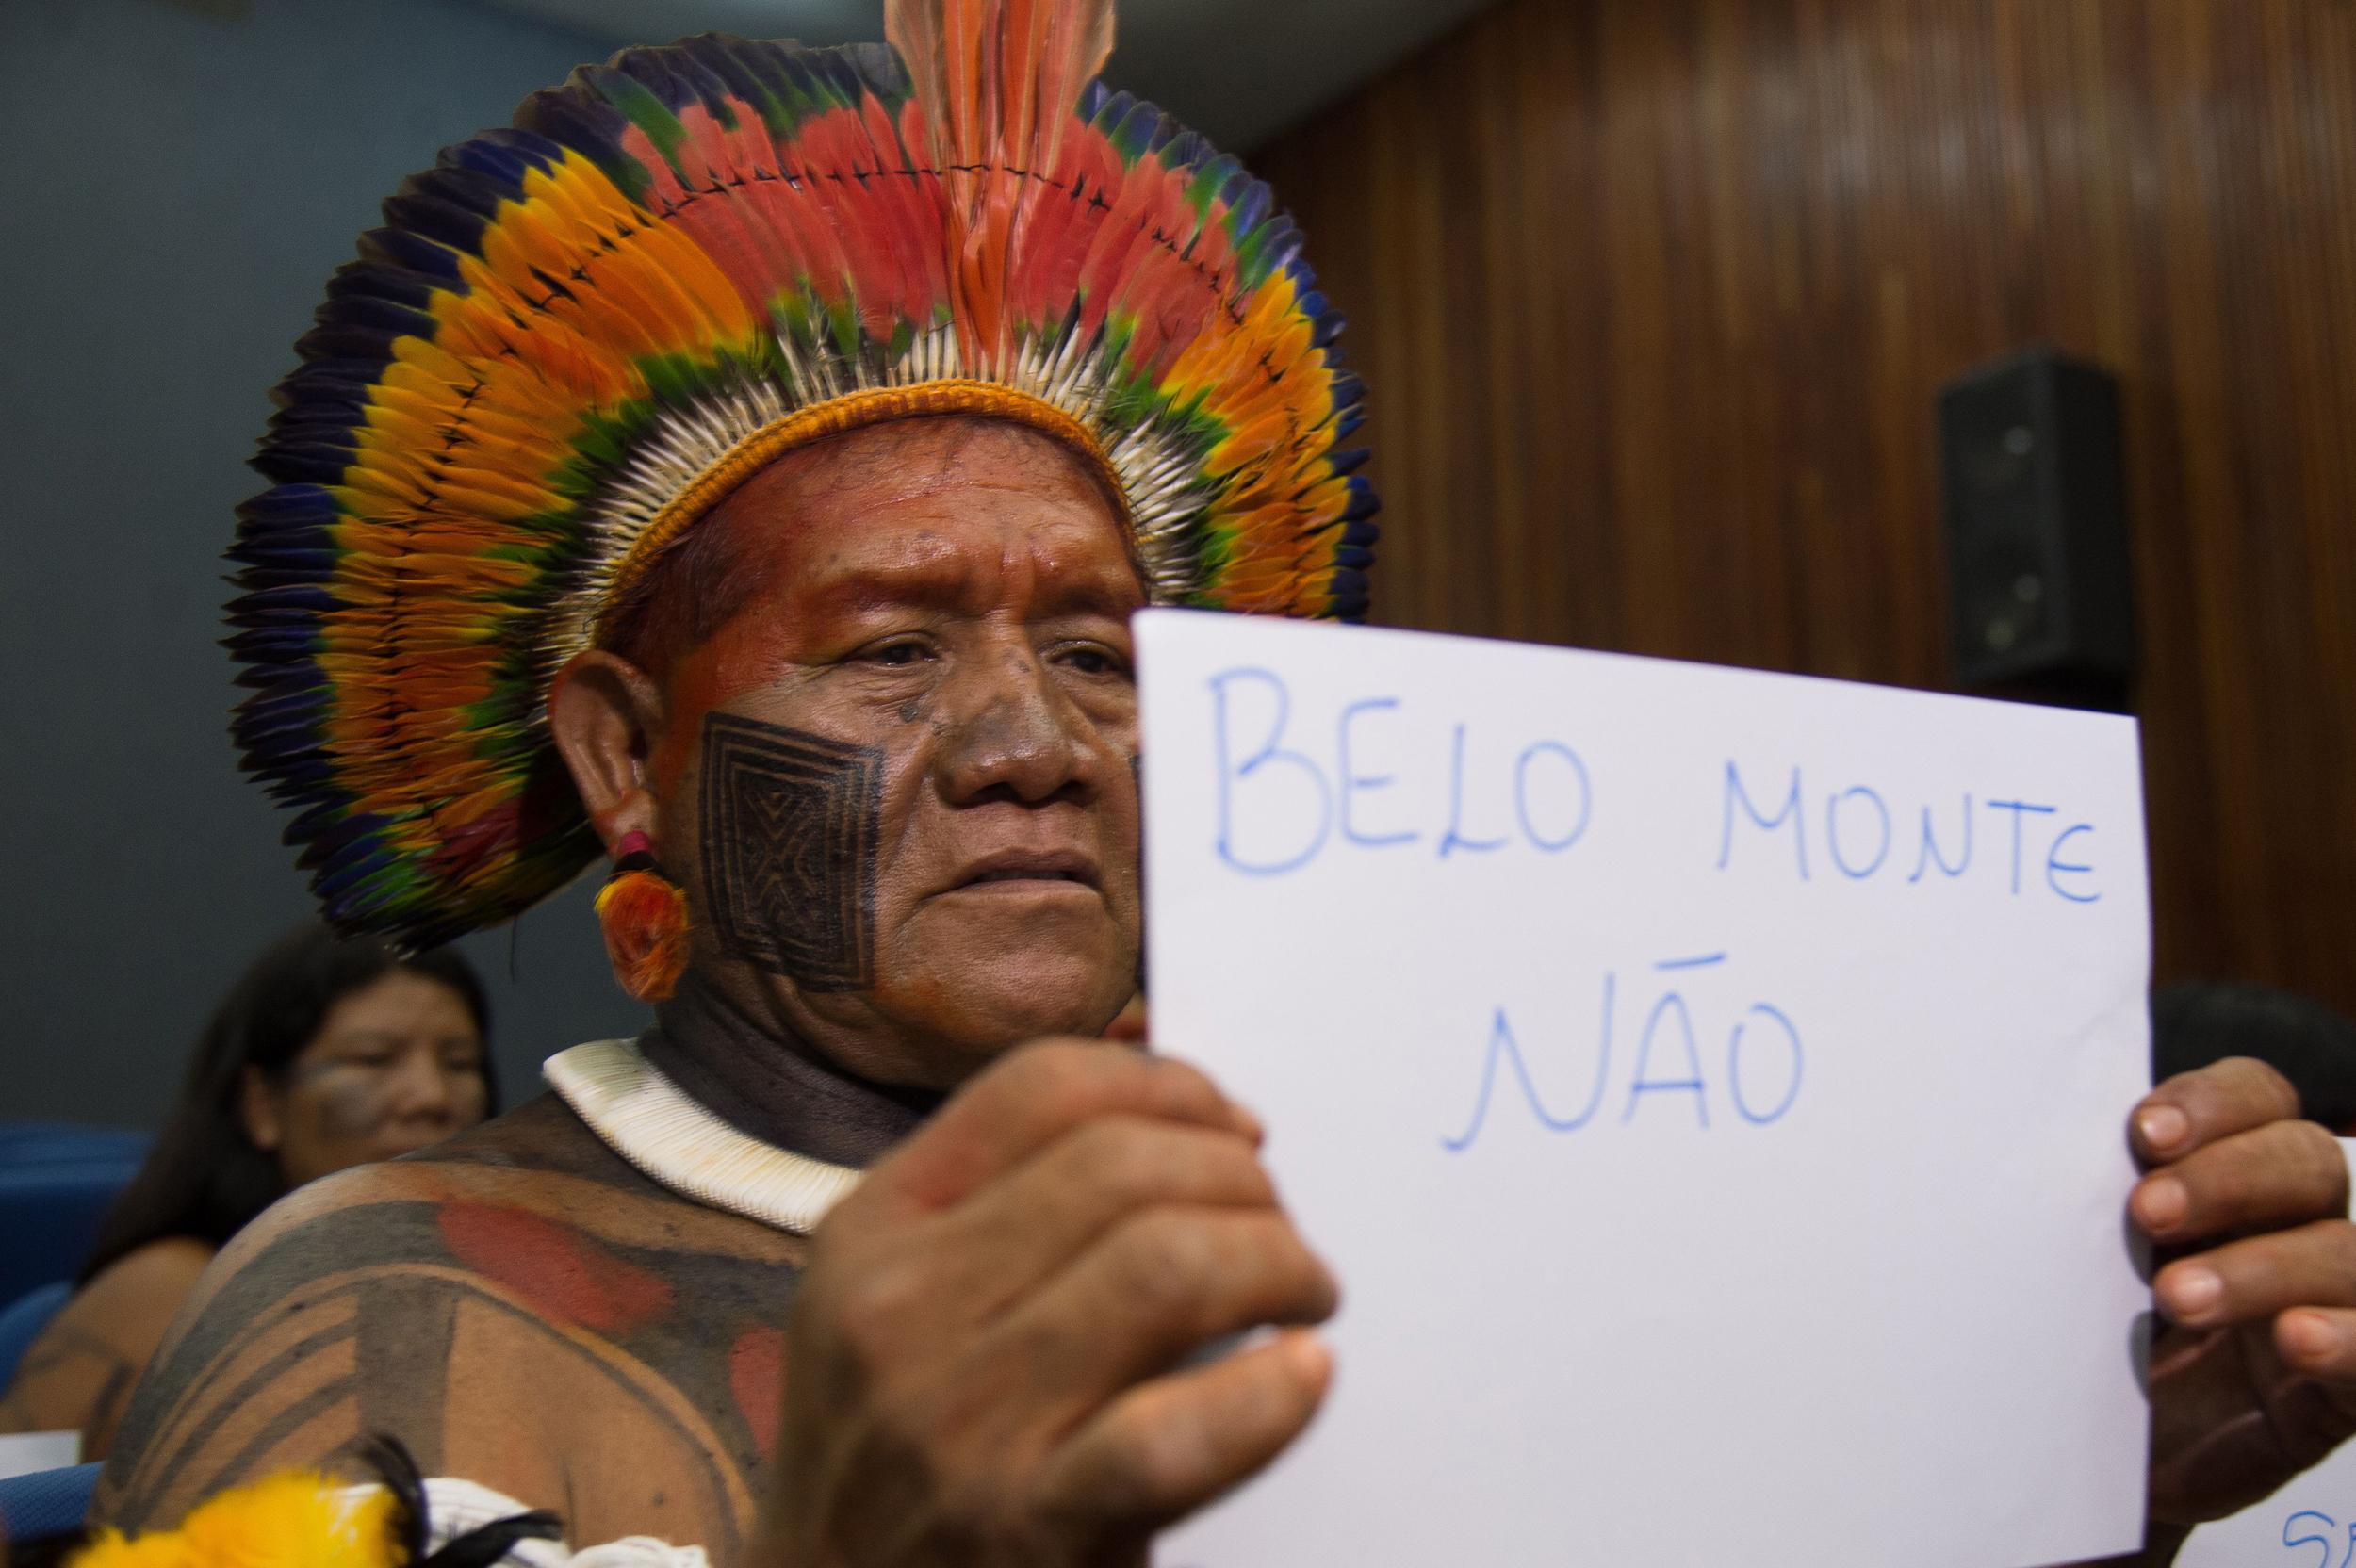 Belo Monte: Lições da Luta 22 – A ameaça de barragens a montante no Rio Xingu